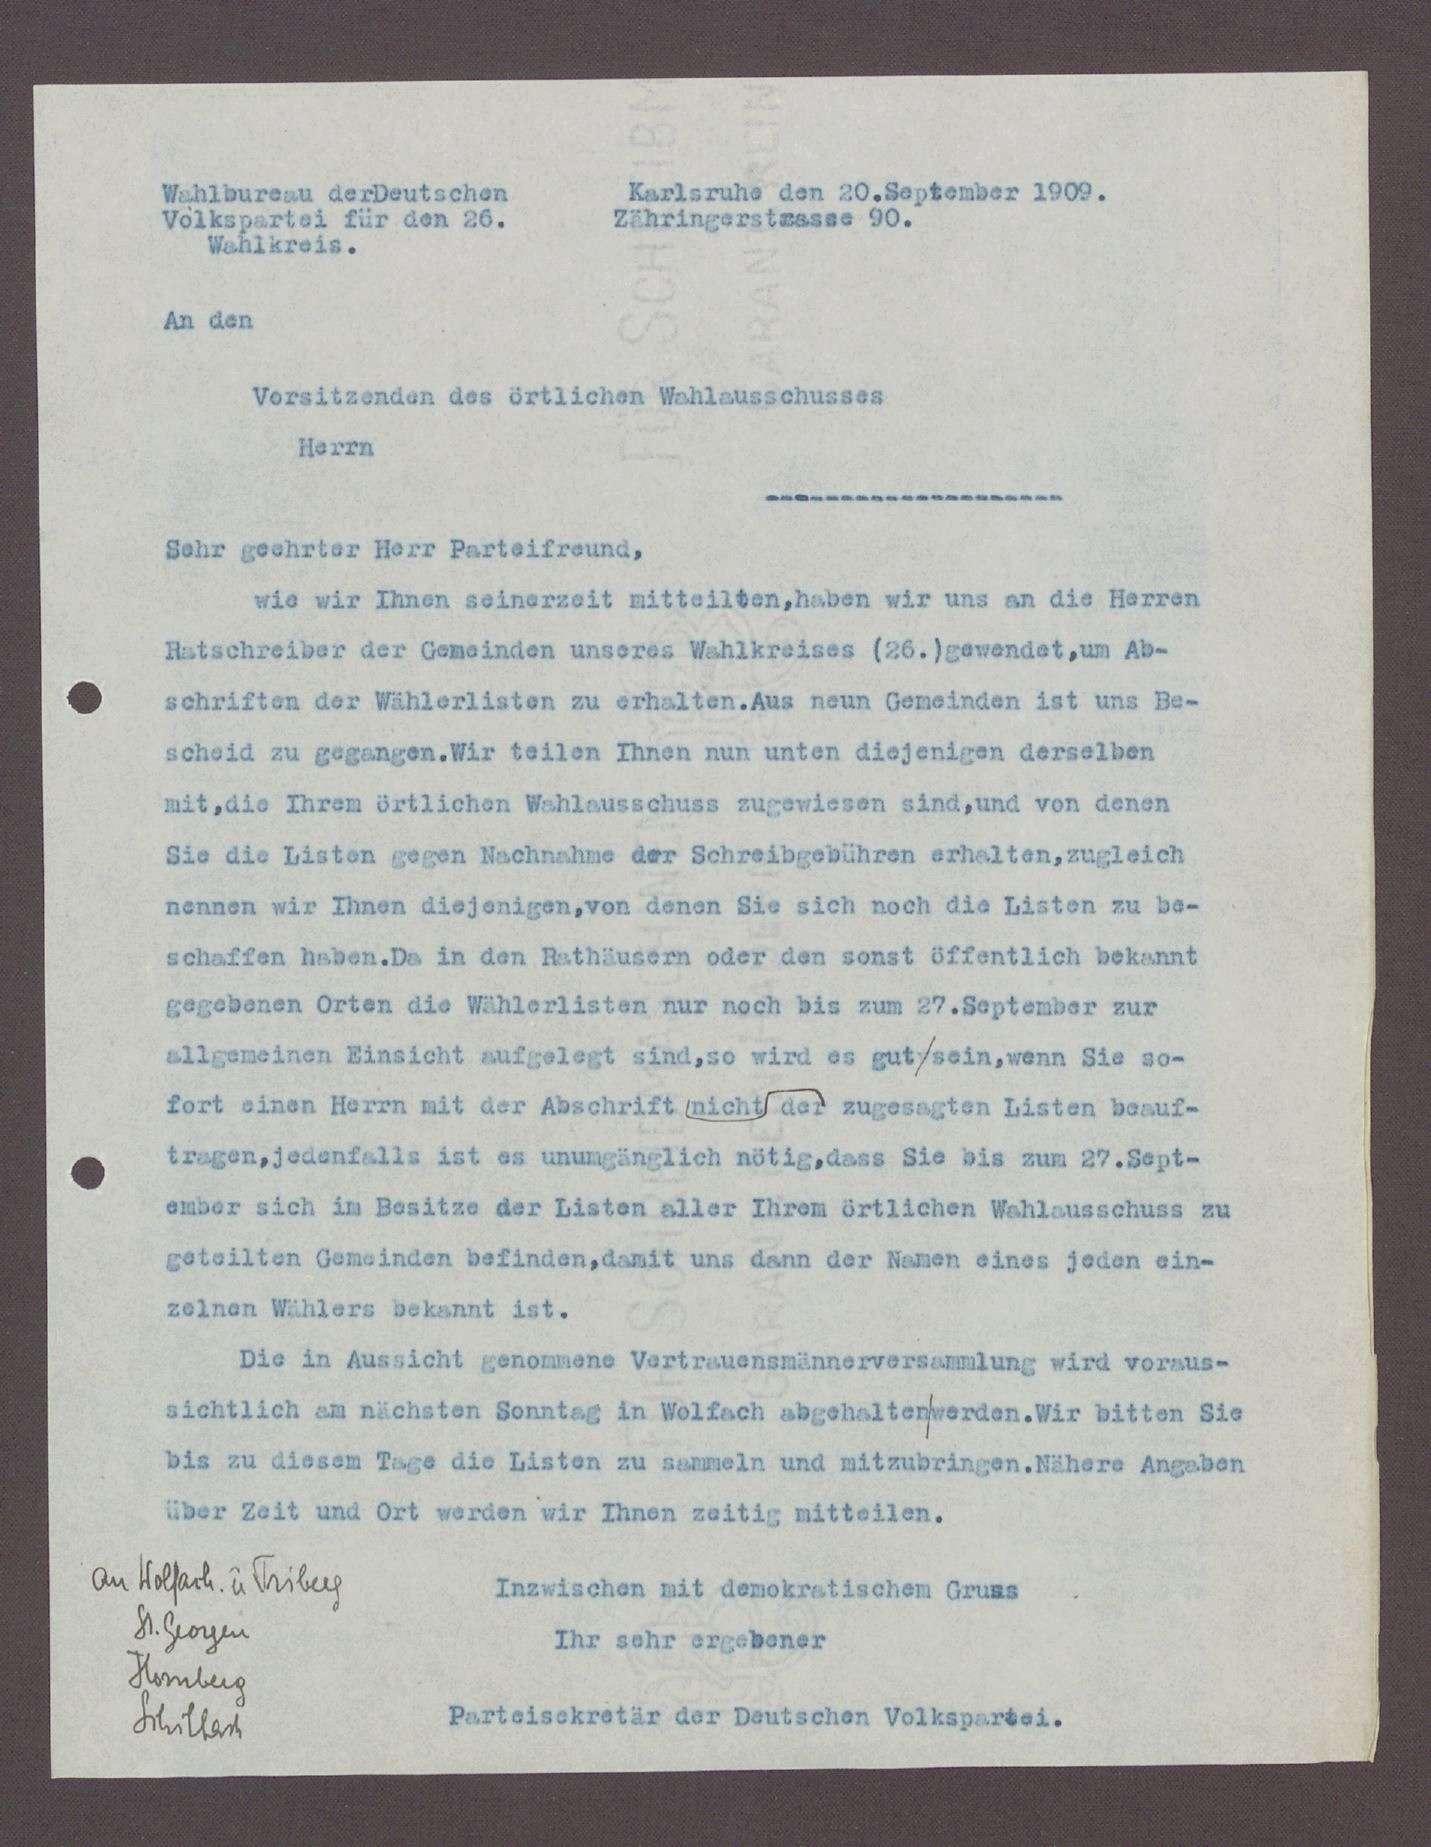 Schreiben des Parteisekretärs der DVP, Karlsruhe, an die Vorsitzenden der örtlichen Wahlausschüsse: Abschrift der Wählerlisten und Vertrauensmännerversammlung in Wolfach, 1 Schreiben (Durchschlag), Bild 1